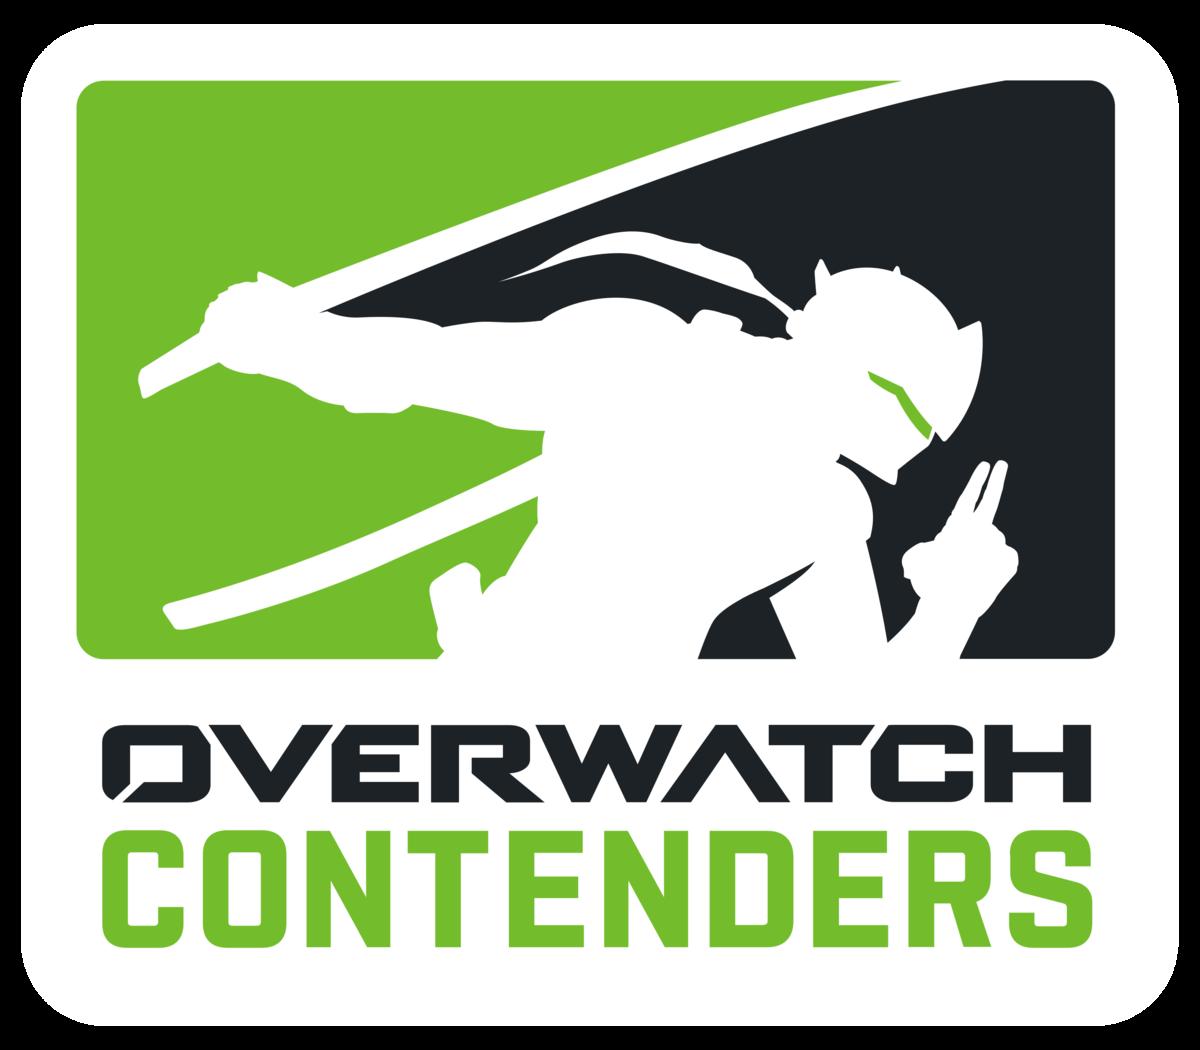 Overwatch Contenders 2019 Season 1: China